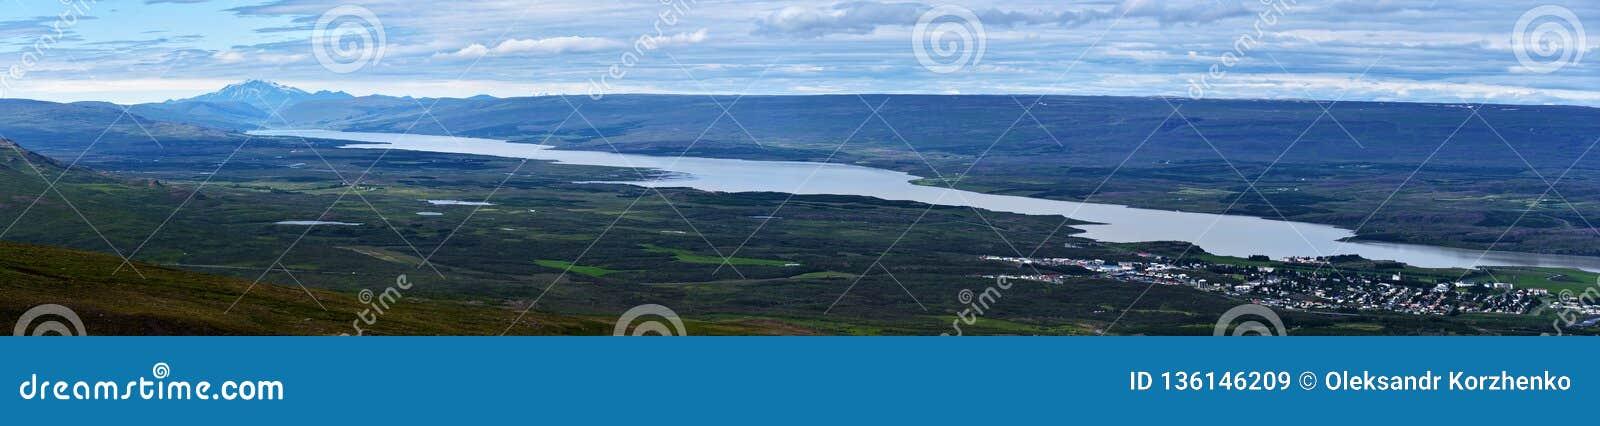 Panorama van Lagarfljot-meer in Oostelijk IJsland